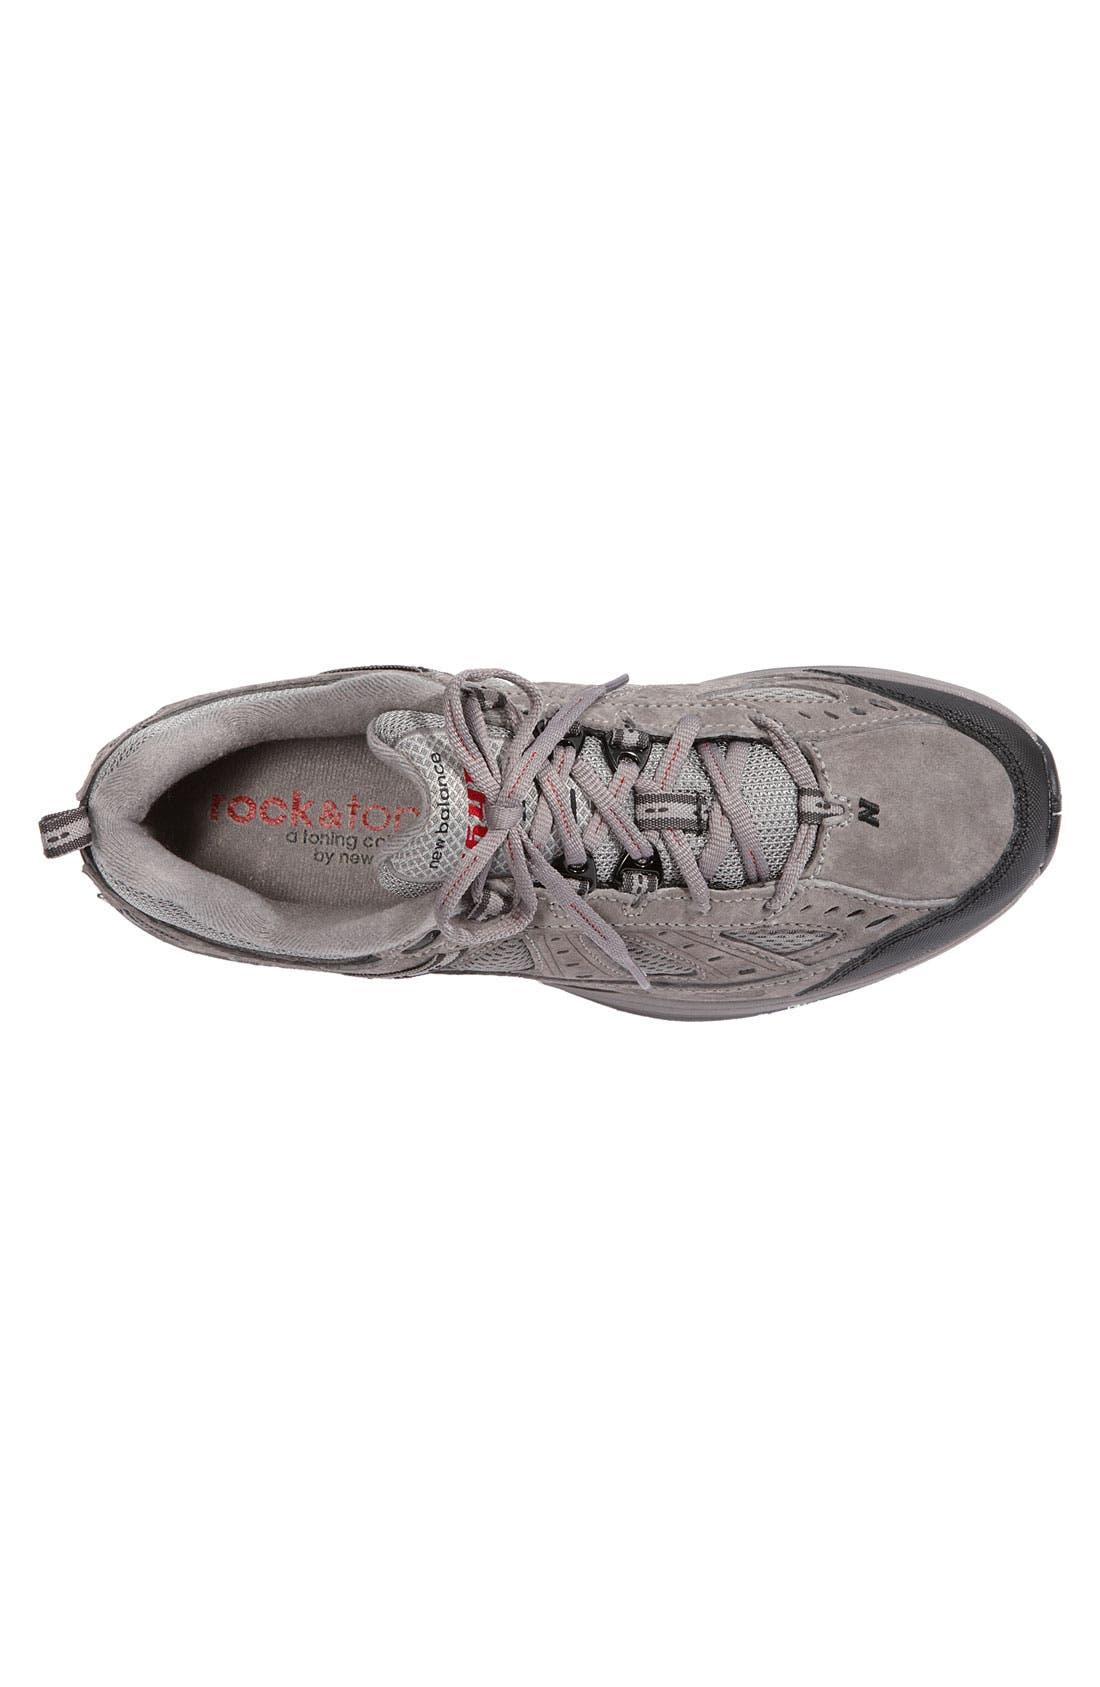 '1645' Toning Shoe,                             Alternate thumbnail 2, color,                             030